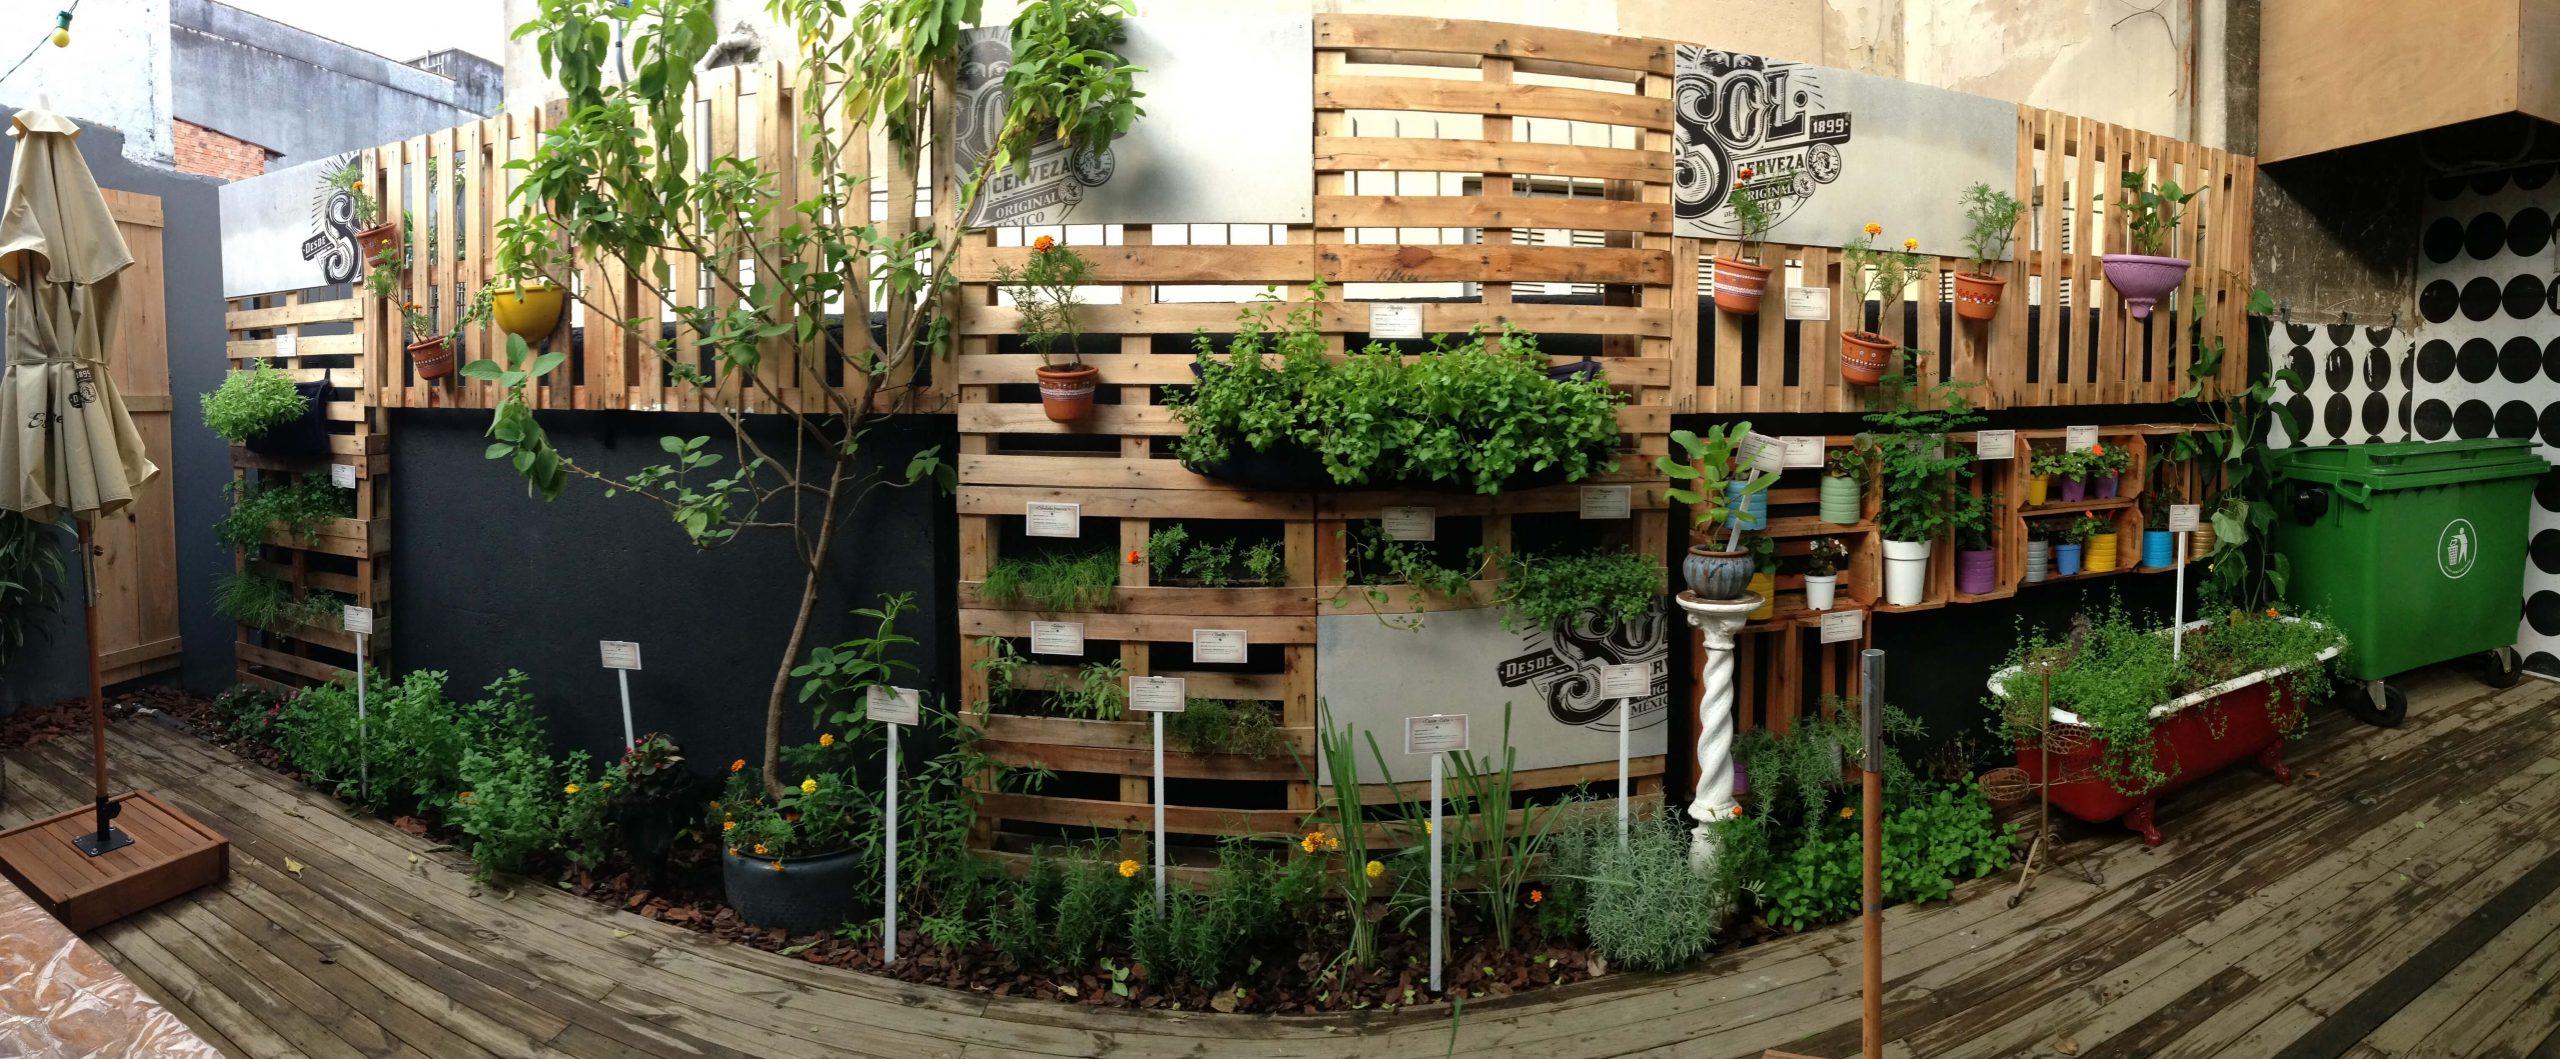 horta urbana porto alegre